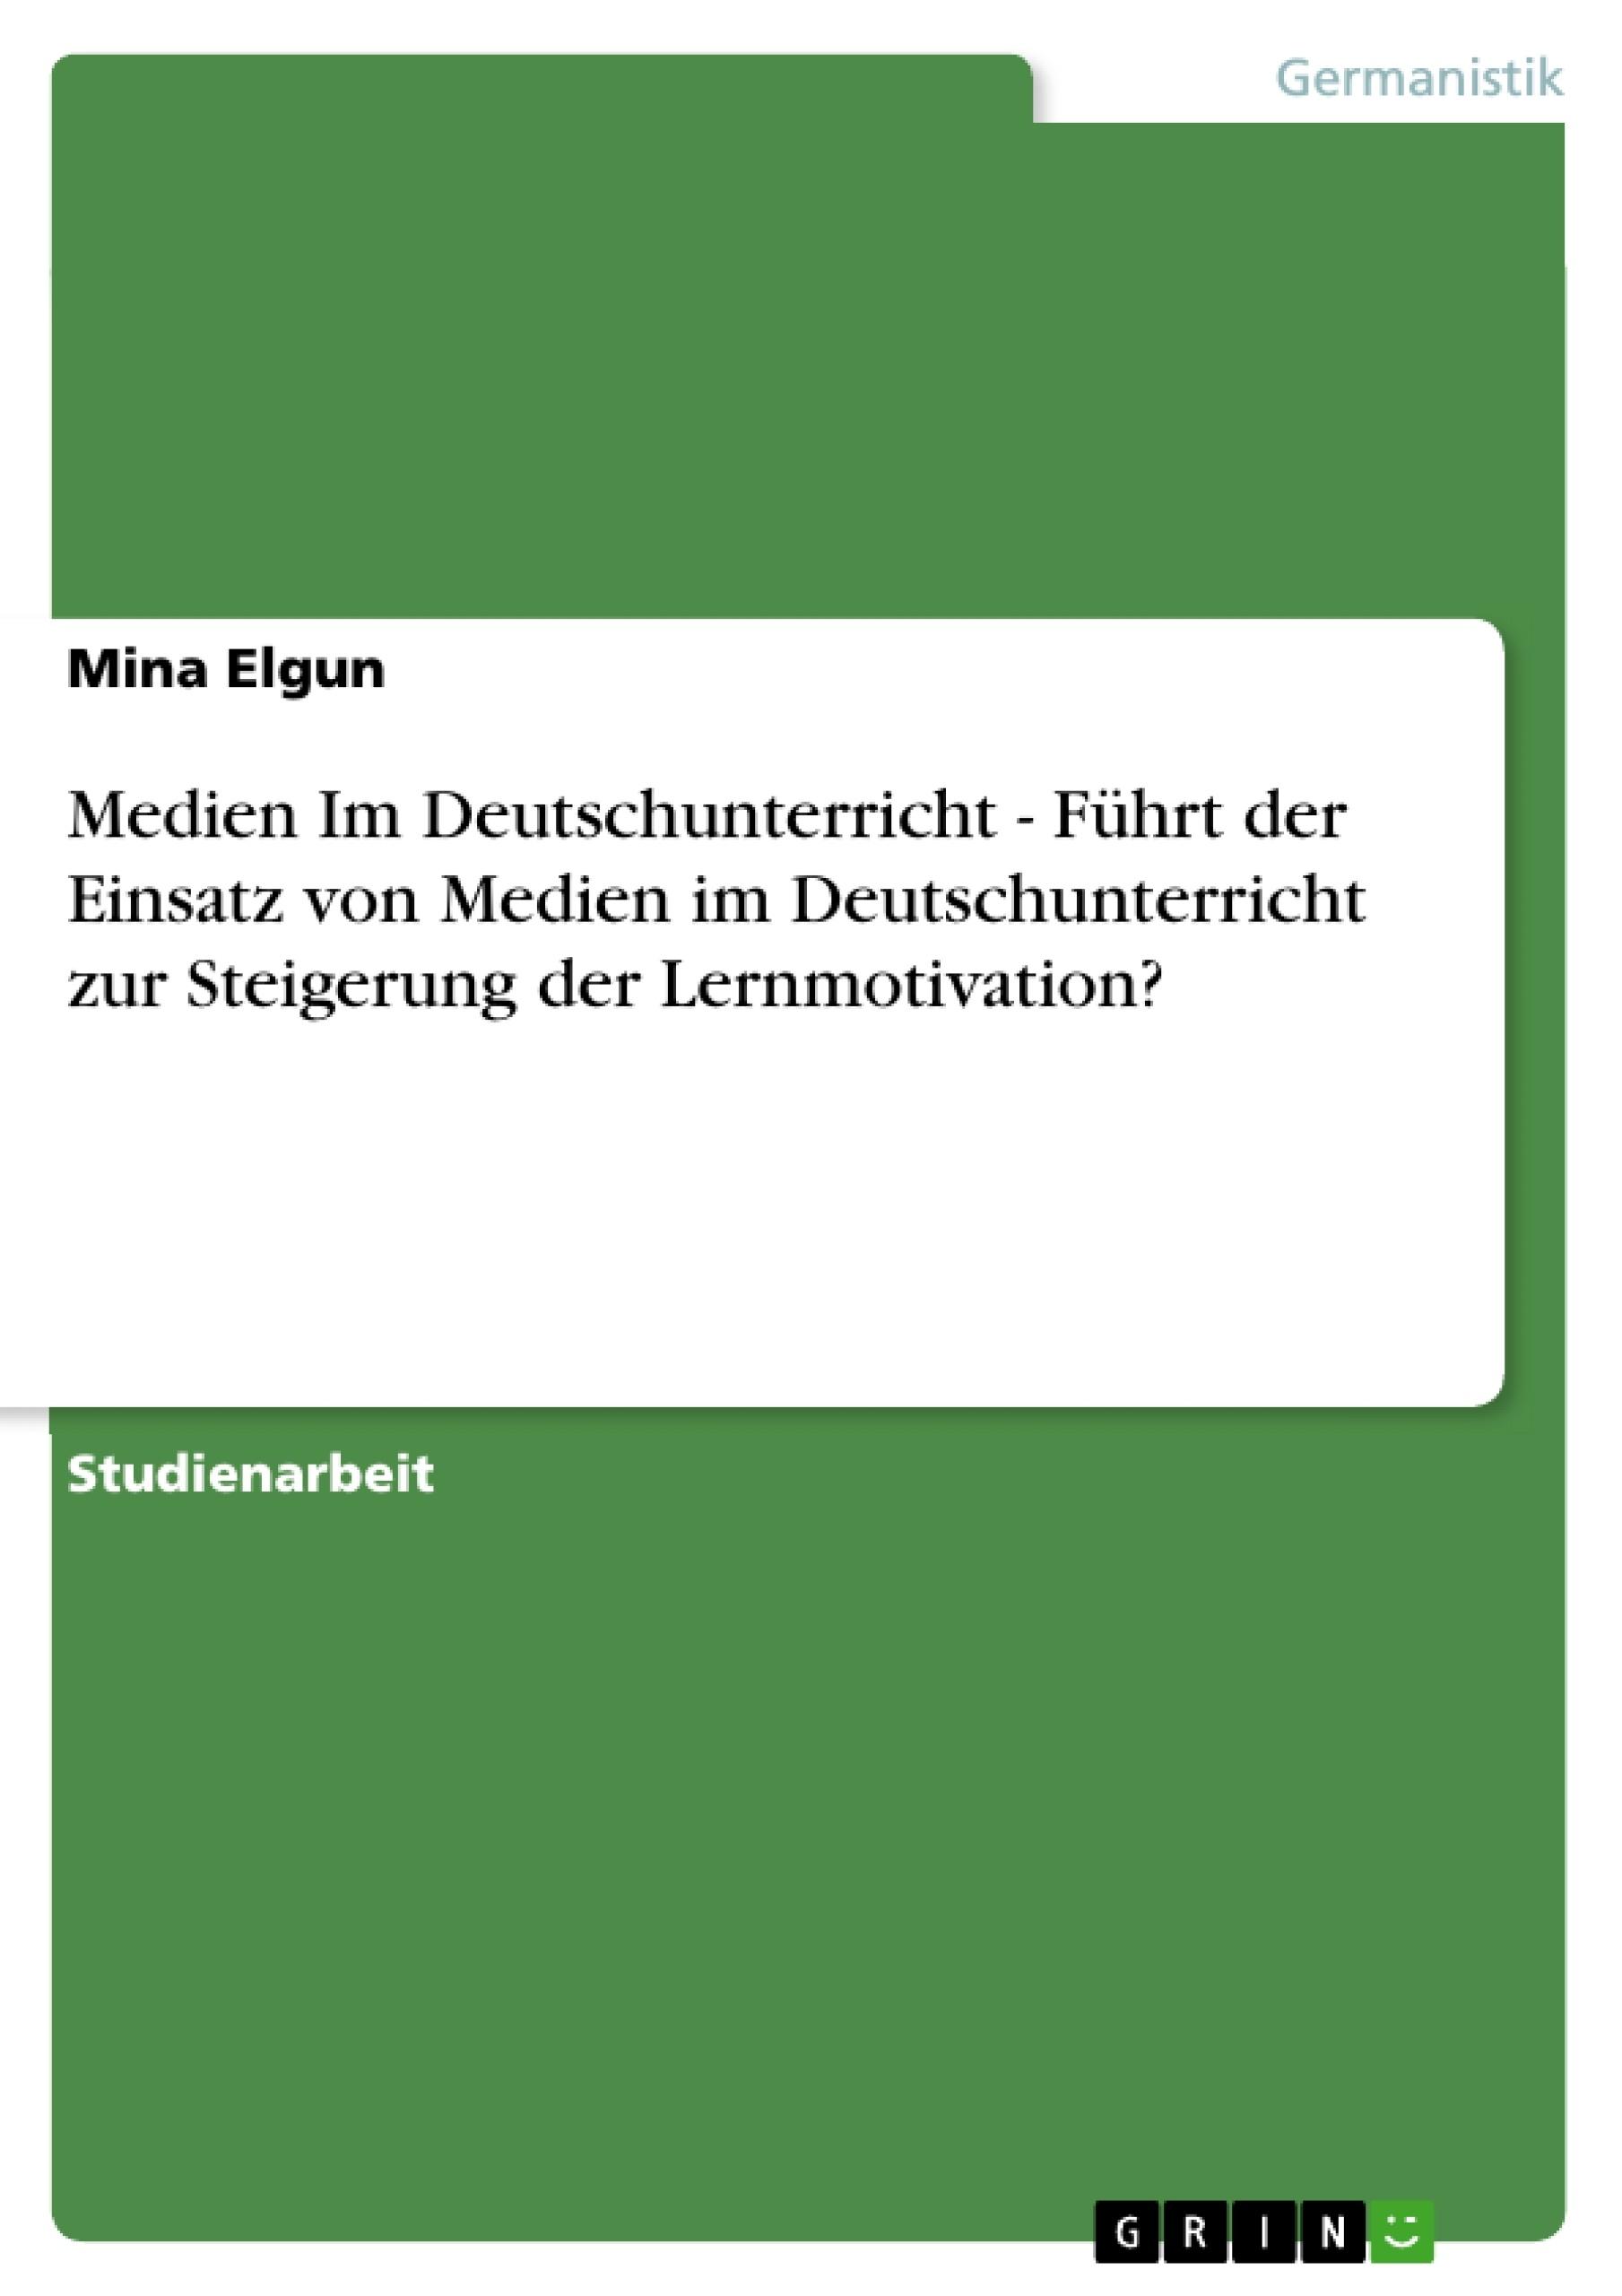 Titel: Medien Im Deutschunterricht - Führt der Einsatz von Medien im Deutschunterricht zur Steigerung der Lernmotivation?